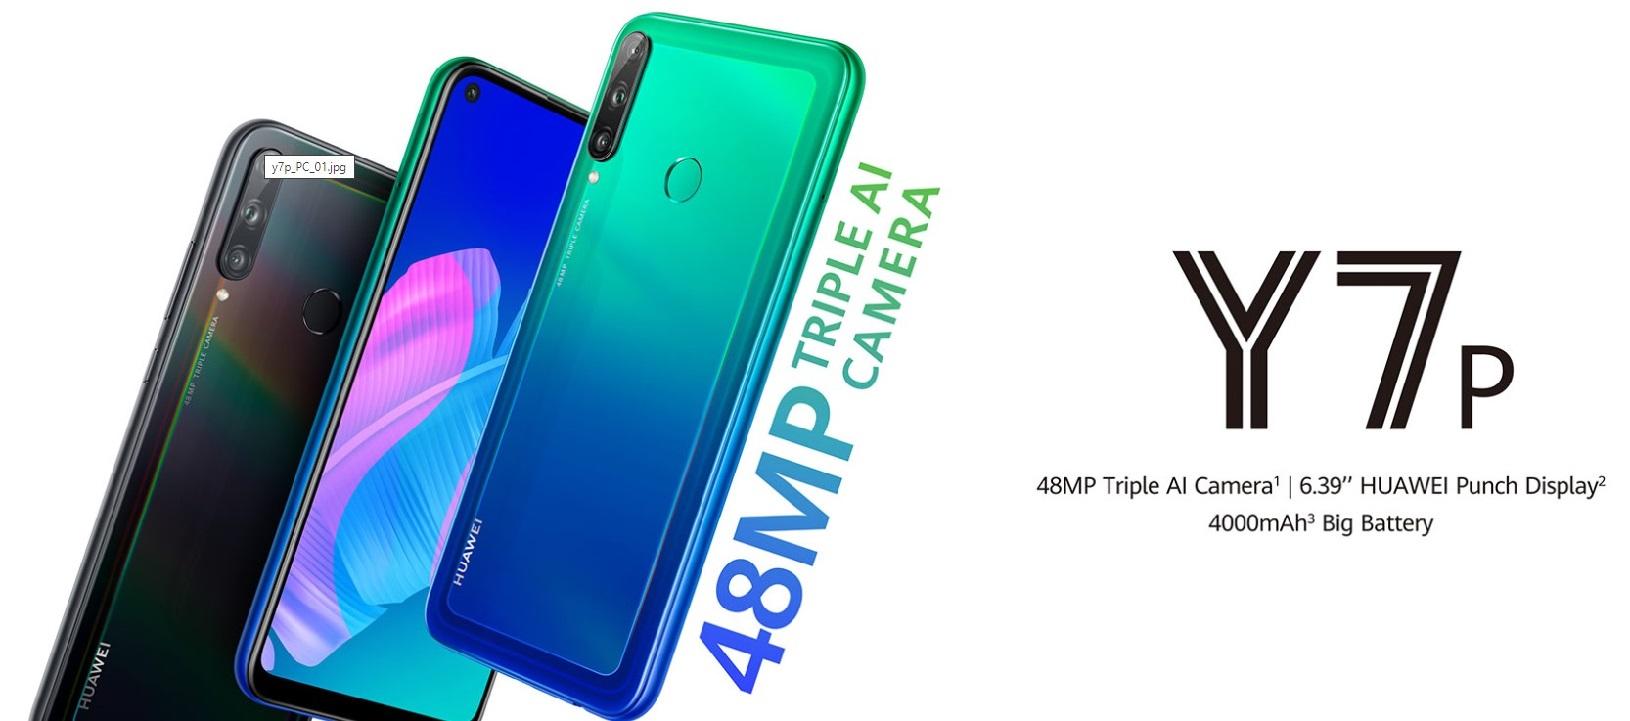 Huawei Y7p 64gb Storage 4gb Ram 4g Dual Sim Smartphone Arabic Aurora Blue Y7p Buy Best Price In Saudi Arabia Riyadh Jeddah Medina Dammam Mecca